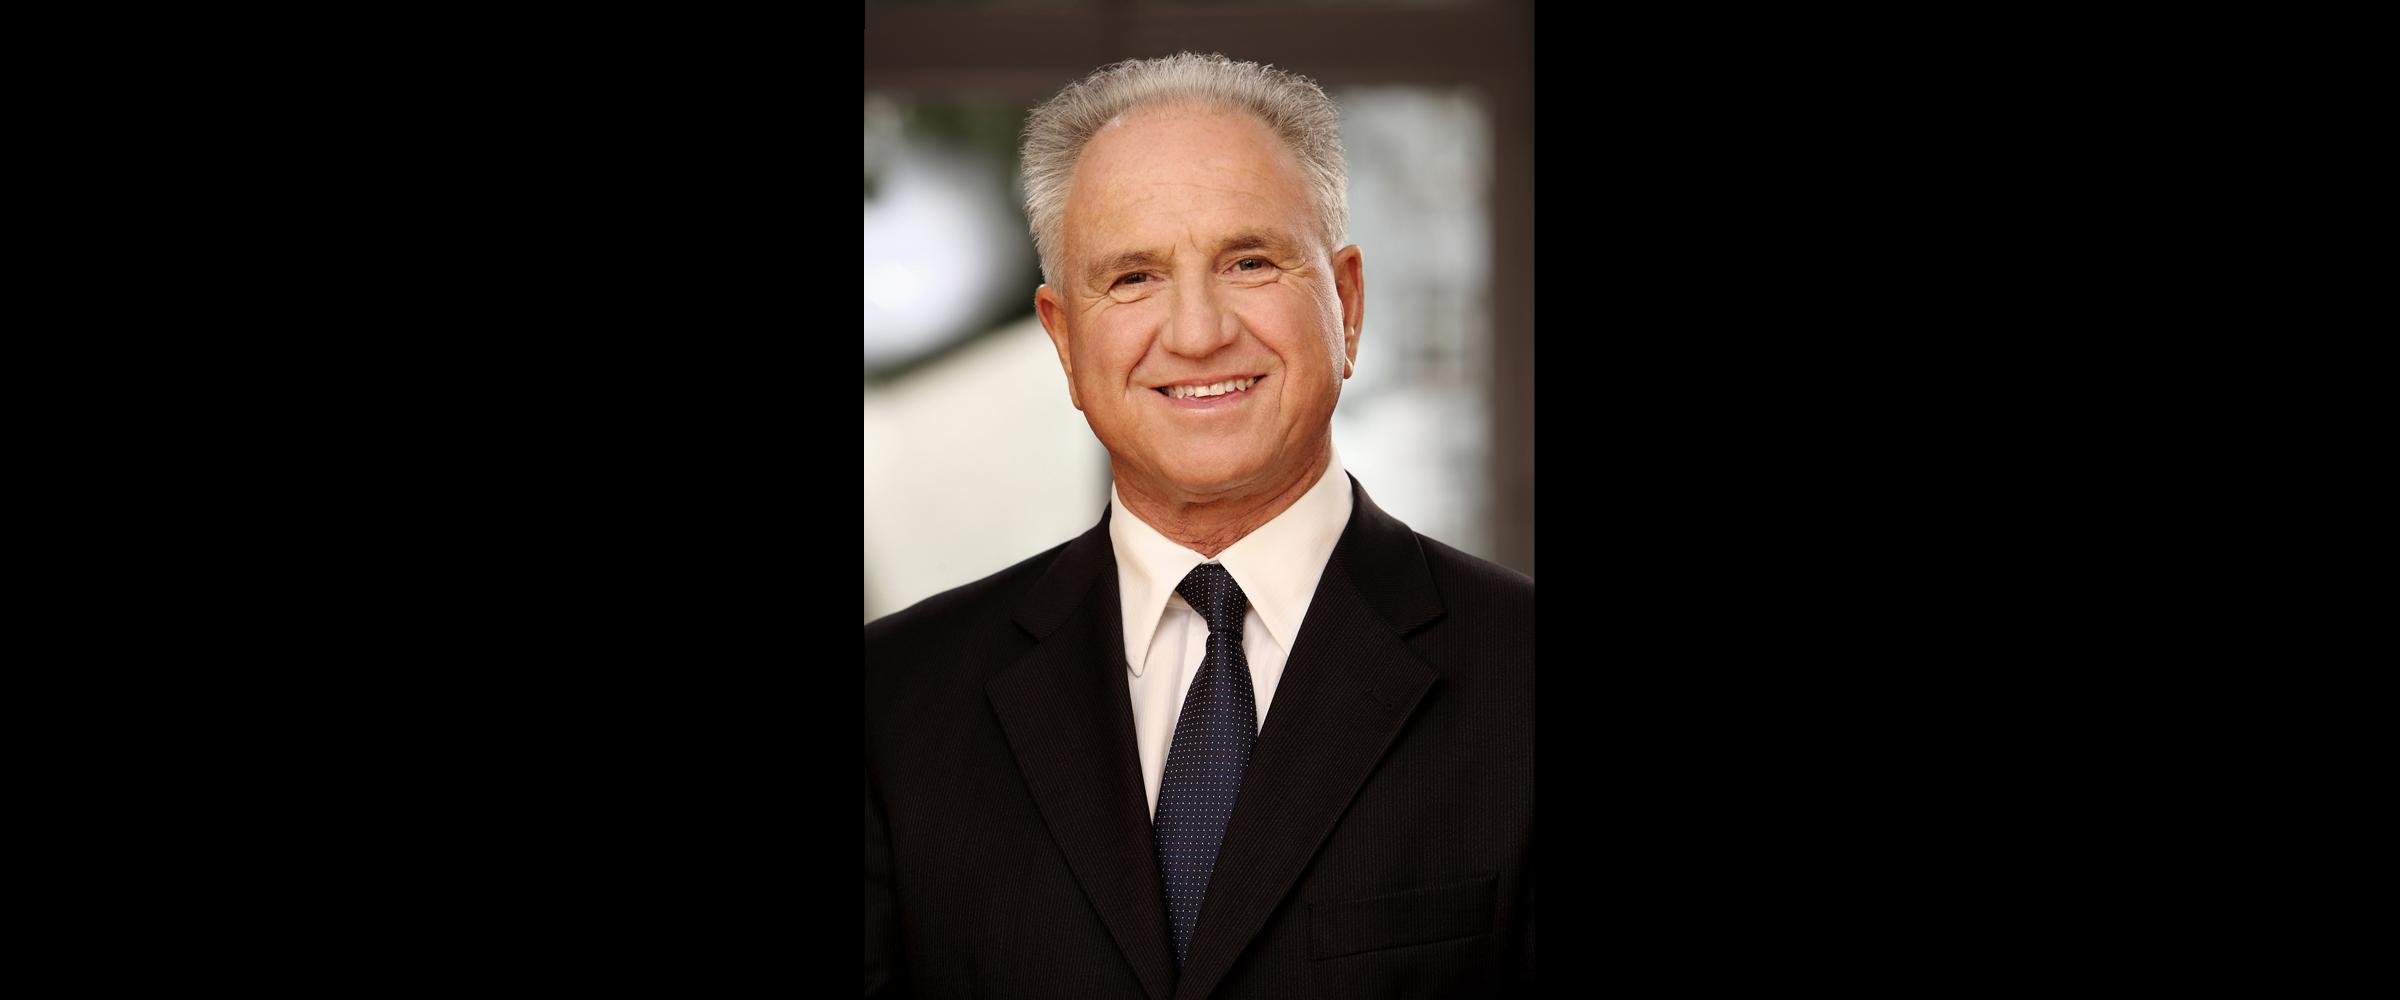 Farbportrait eines älteren, grauhaarigen Mannes in schwarzem Business-Anzug mit Krawatte, der freundlich lächelnd posiert für Bewerbungsfoto und Businessportraits.